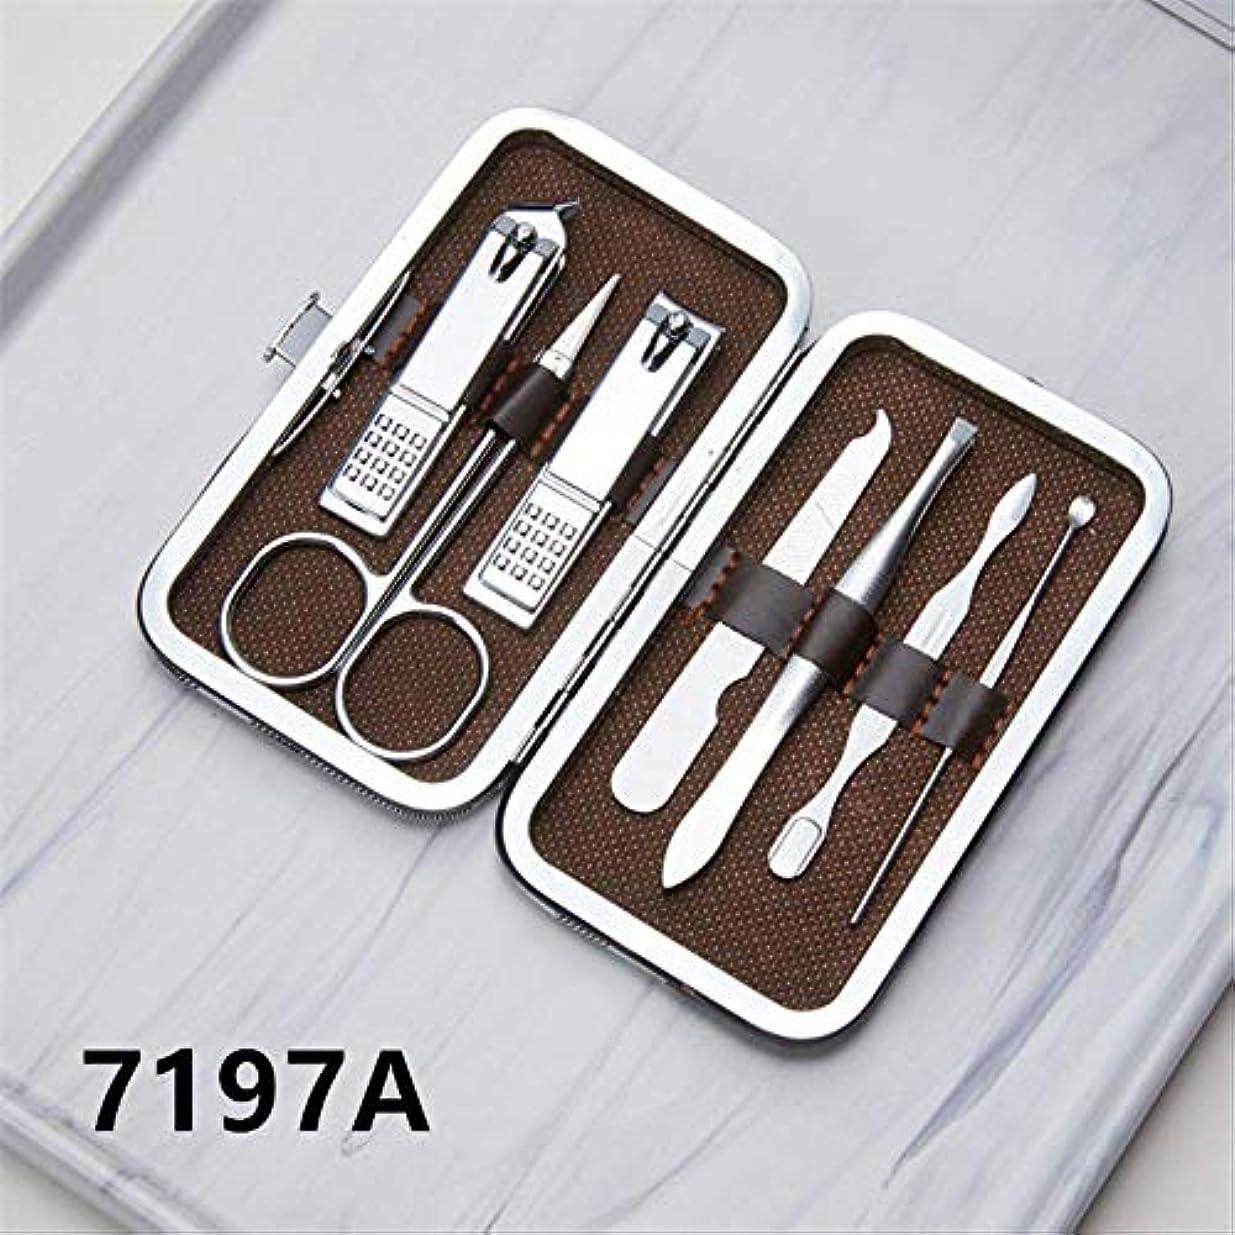 水族館ハーフ廃止爪切りセット16ピースペディキュアナイフ美容プライヤー爪ツール 7197A